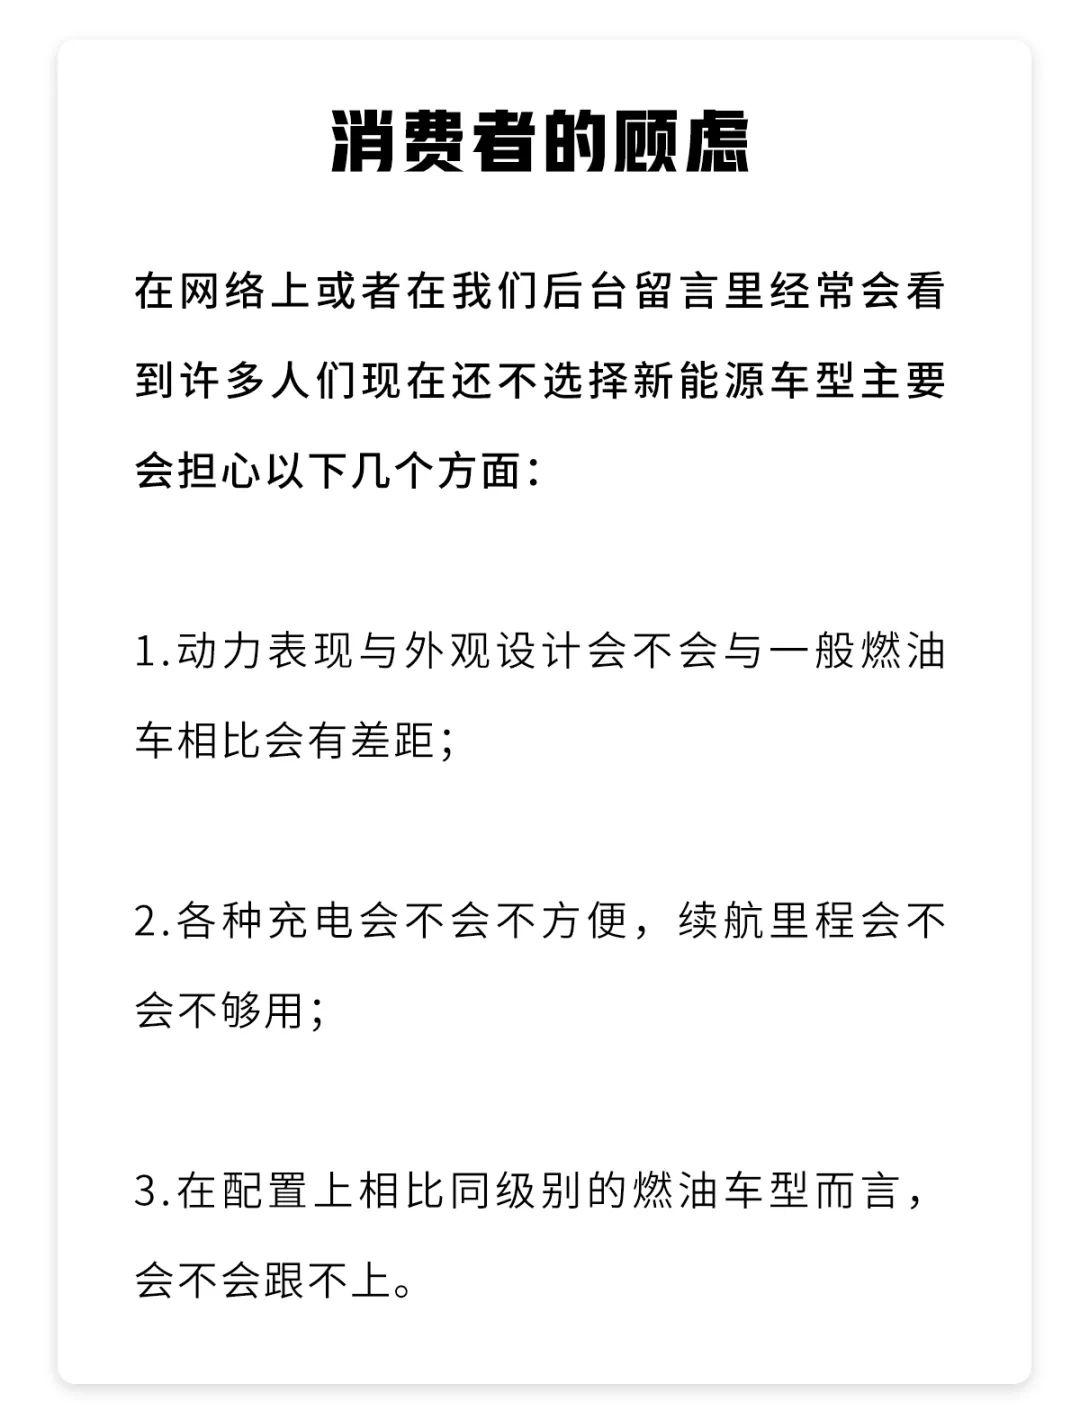 葡京唯一官方app网站 7